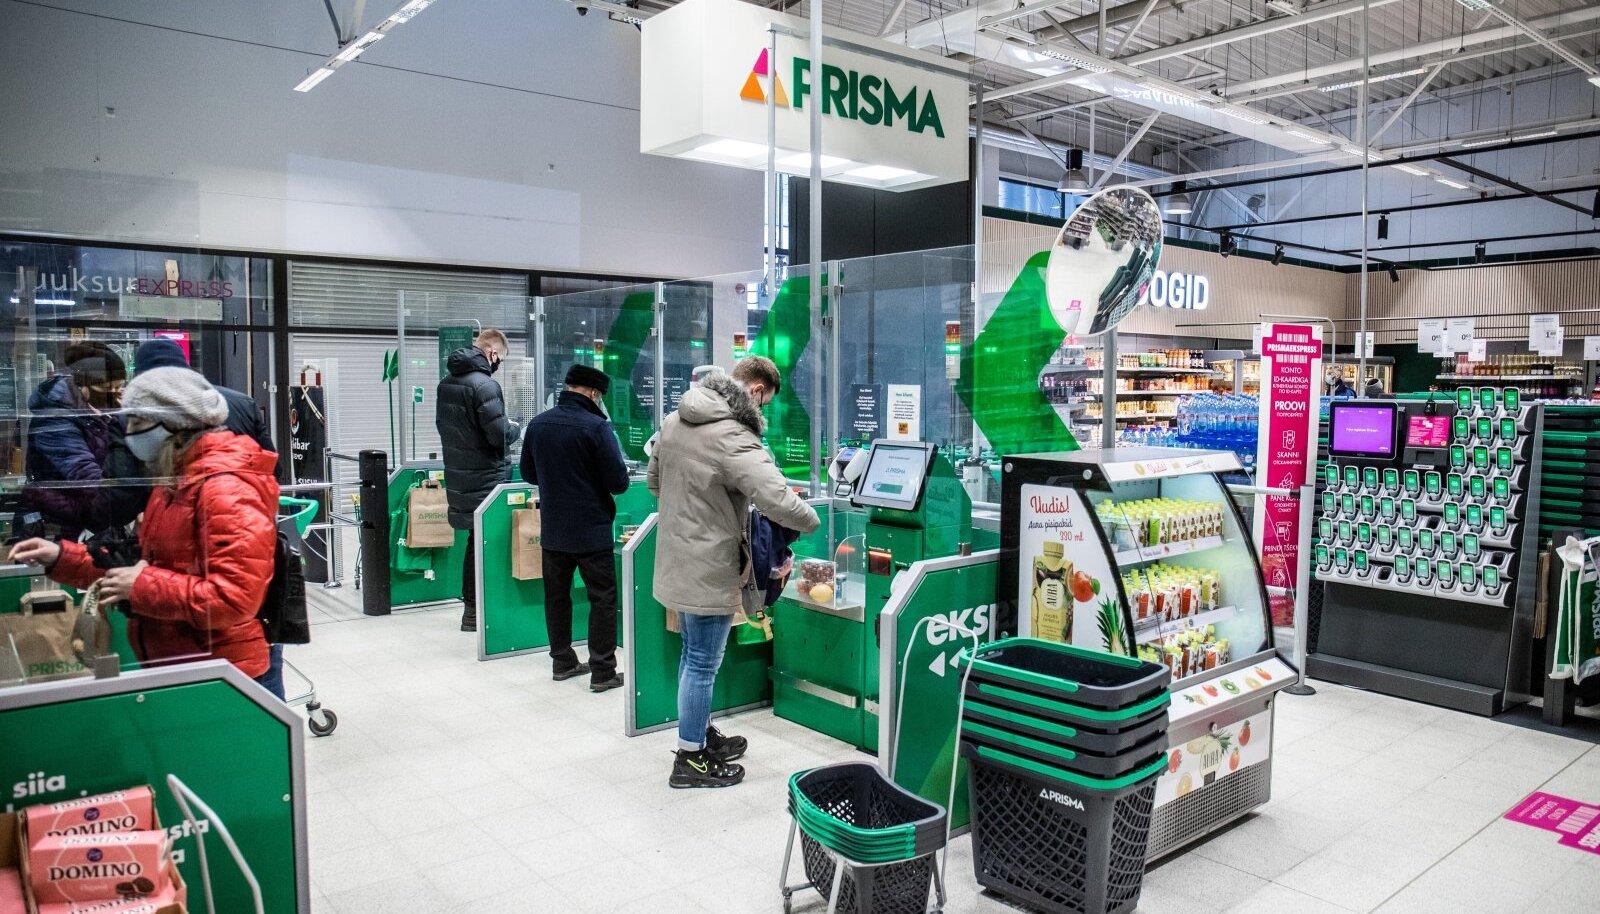 Eestlased saavad kätte rohkem raha kui teised Ida-Euroopa elanikud ja ehkki hinnad pole odavad, võib enamik meist toidupoes üsna muretult ostelda.